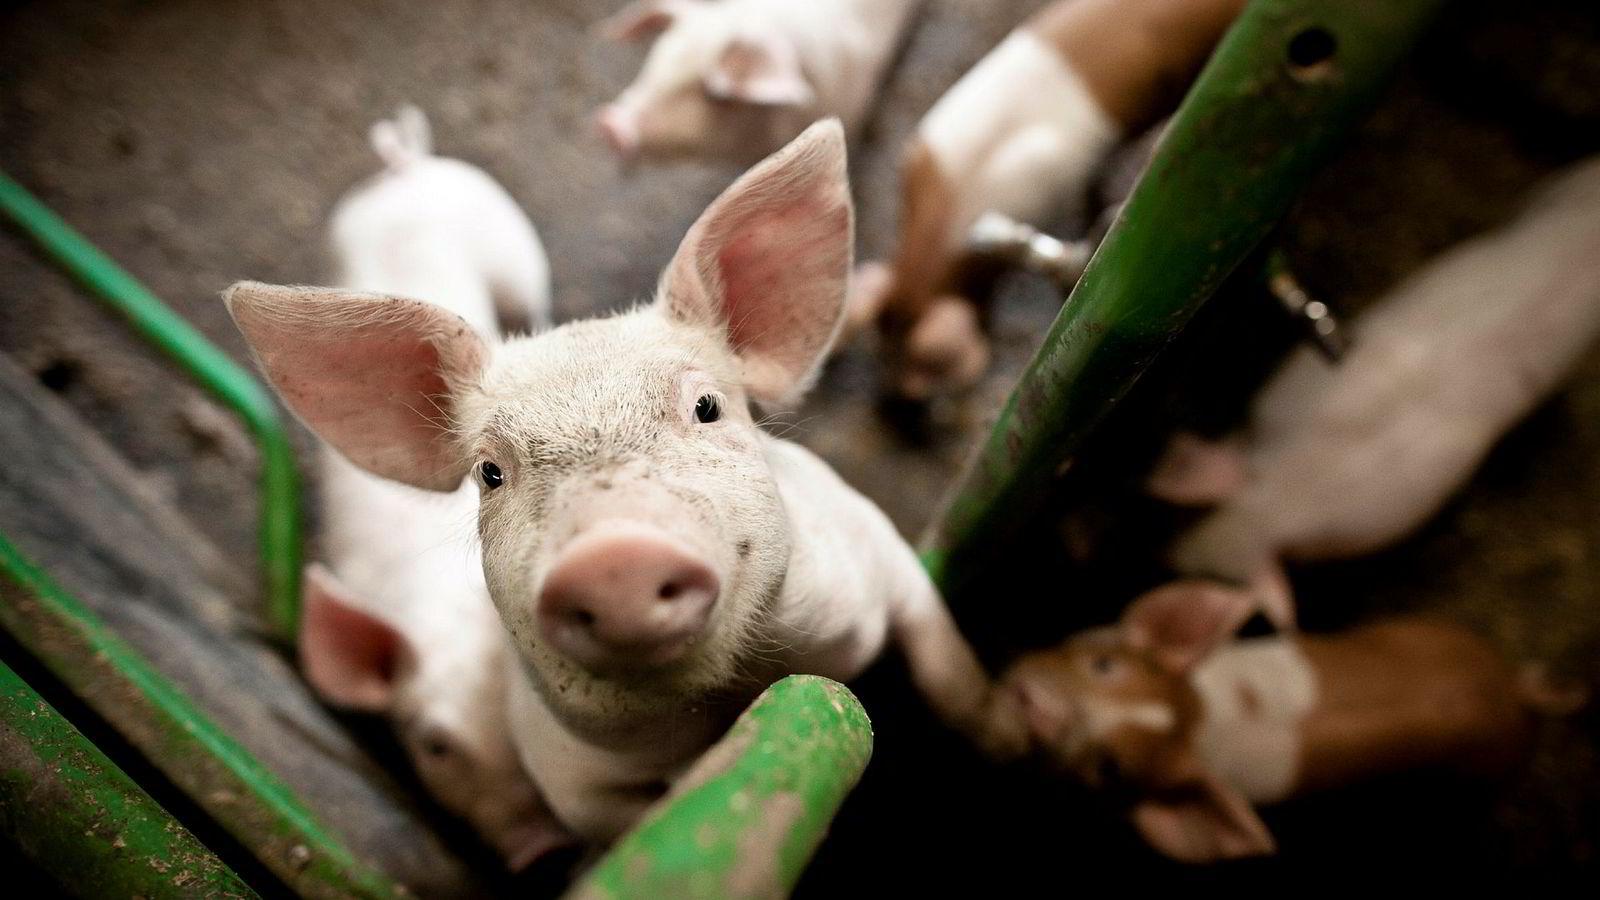 Det er nesten enda mer overraskende å se hvor provosert folk fortsatt blir når fokuset rettes mot dyrevern og etikk.